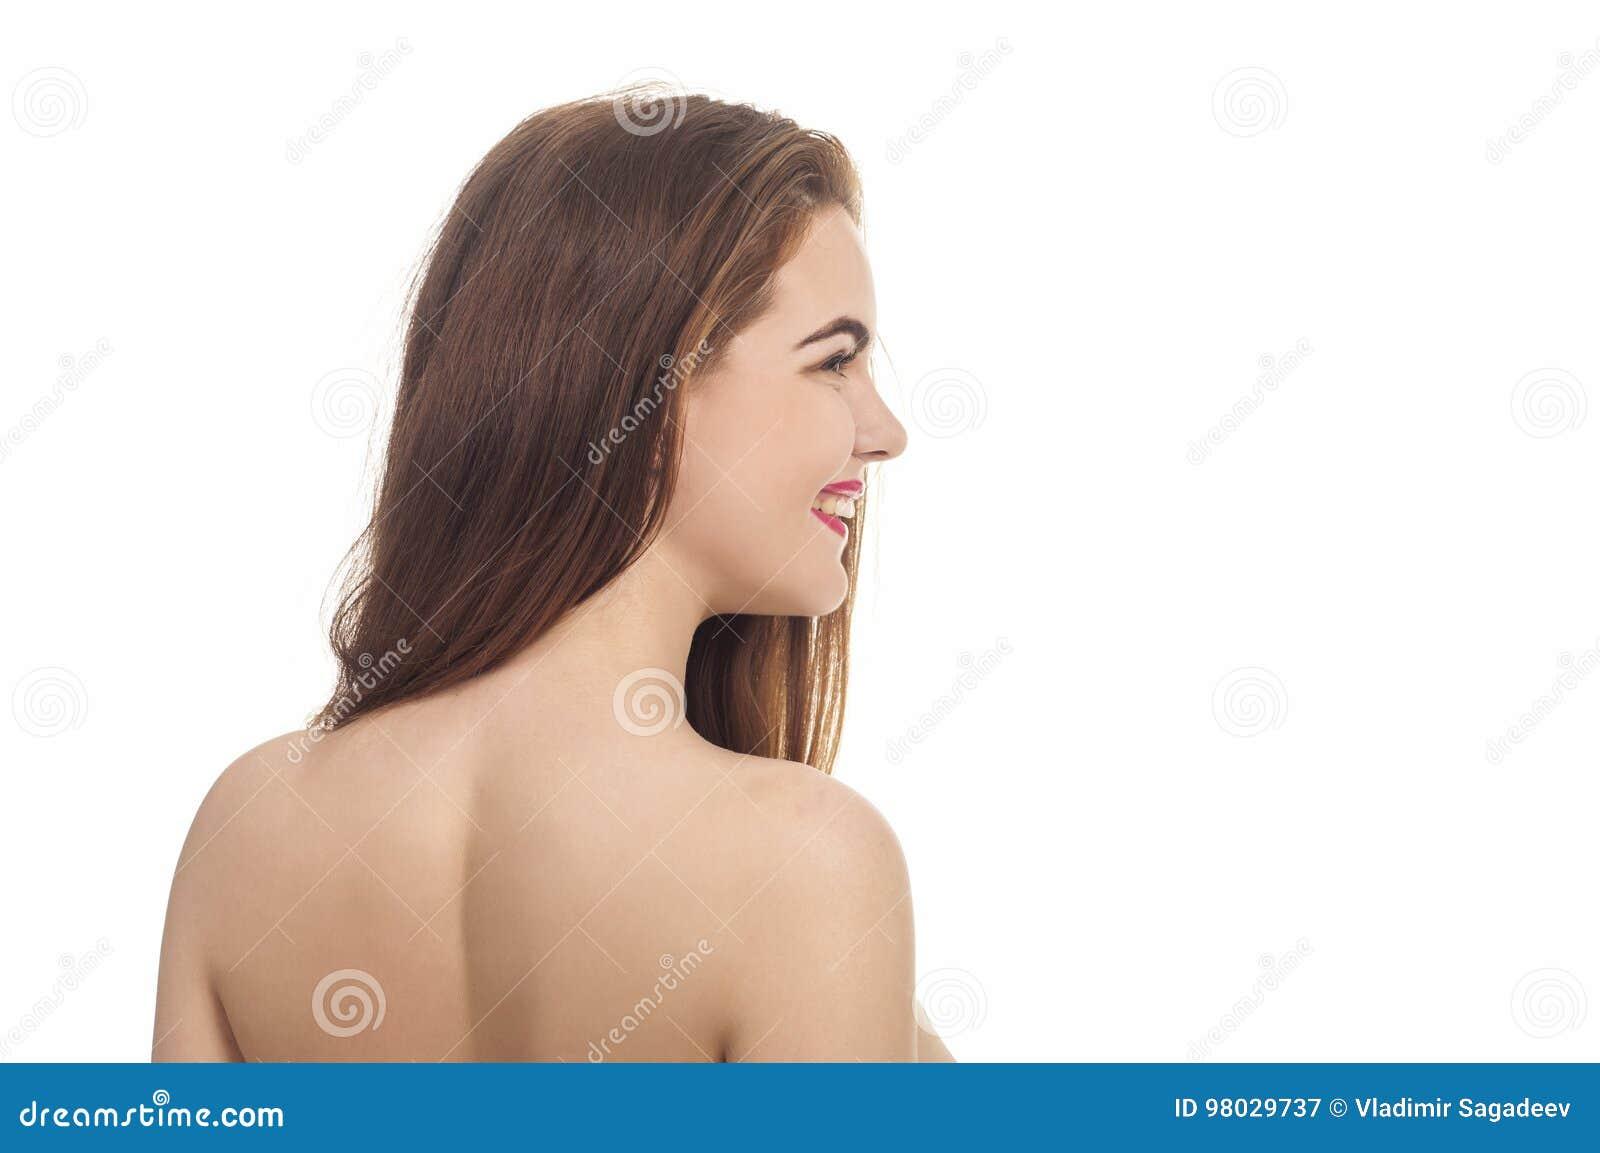 Μια εικόνα από γυμνά κορίτσια